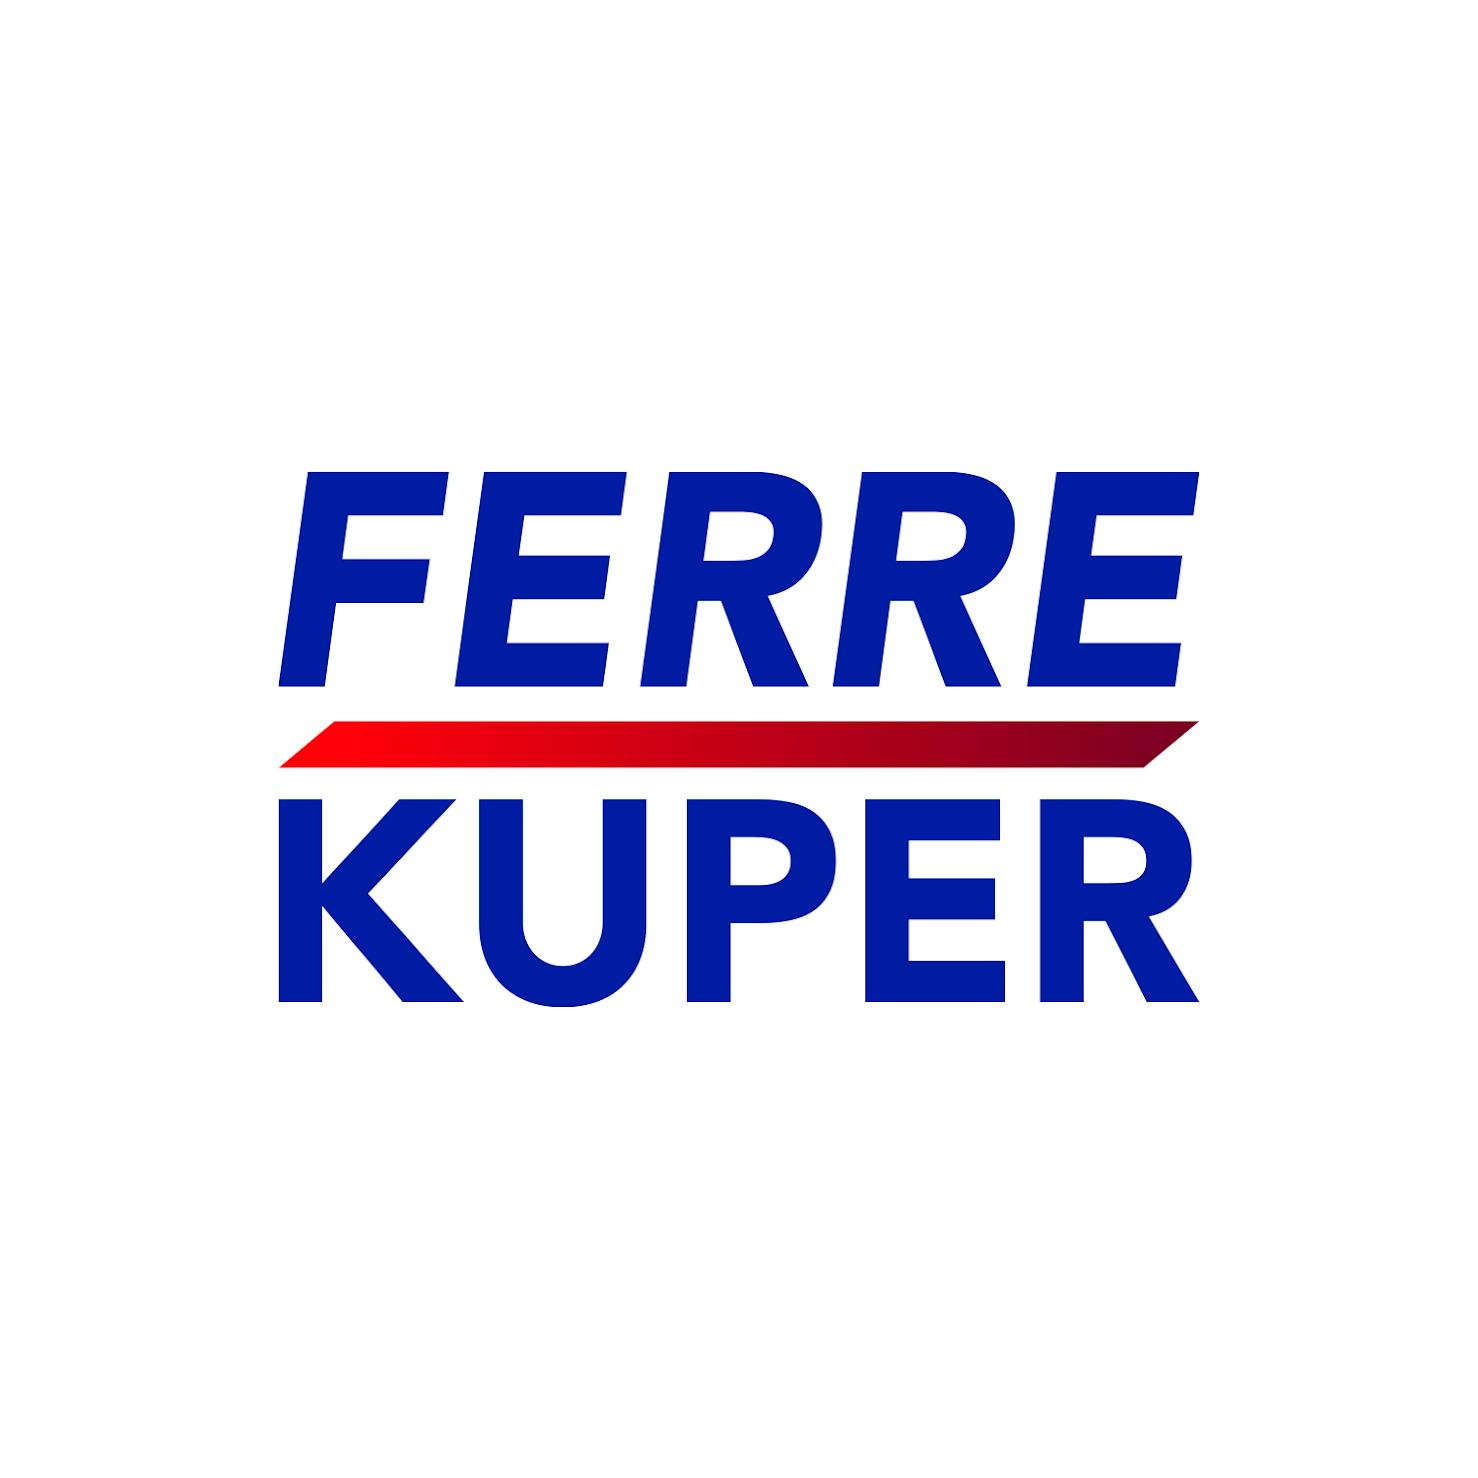 FERREKUPER